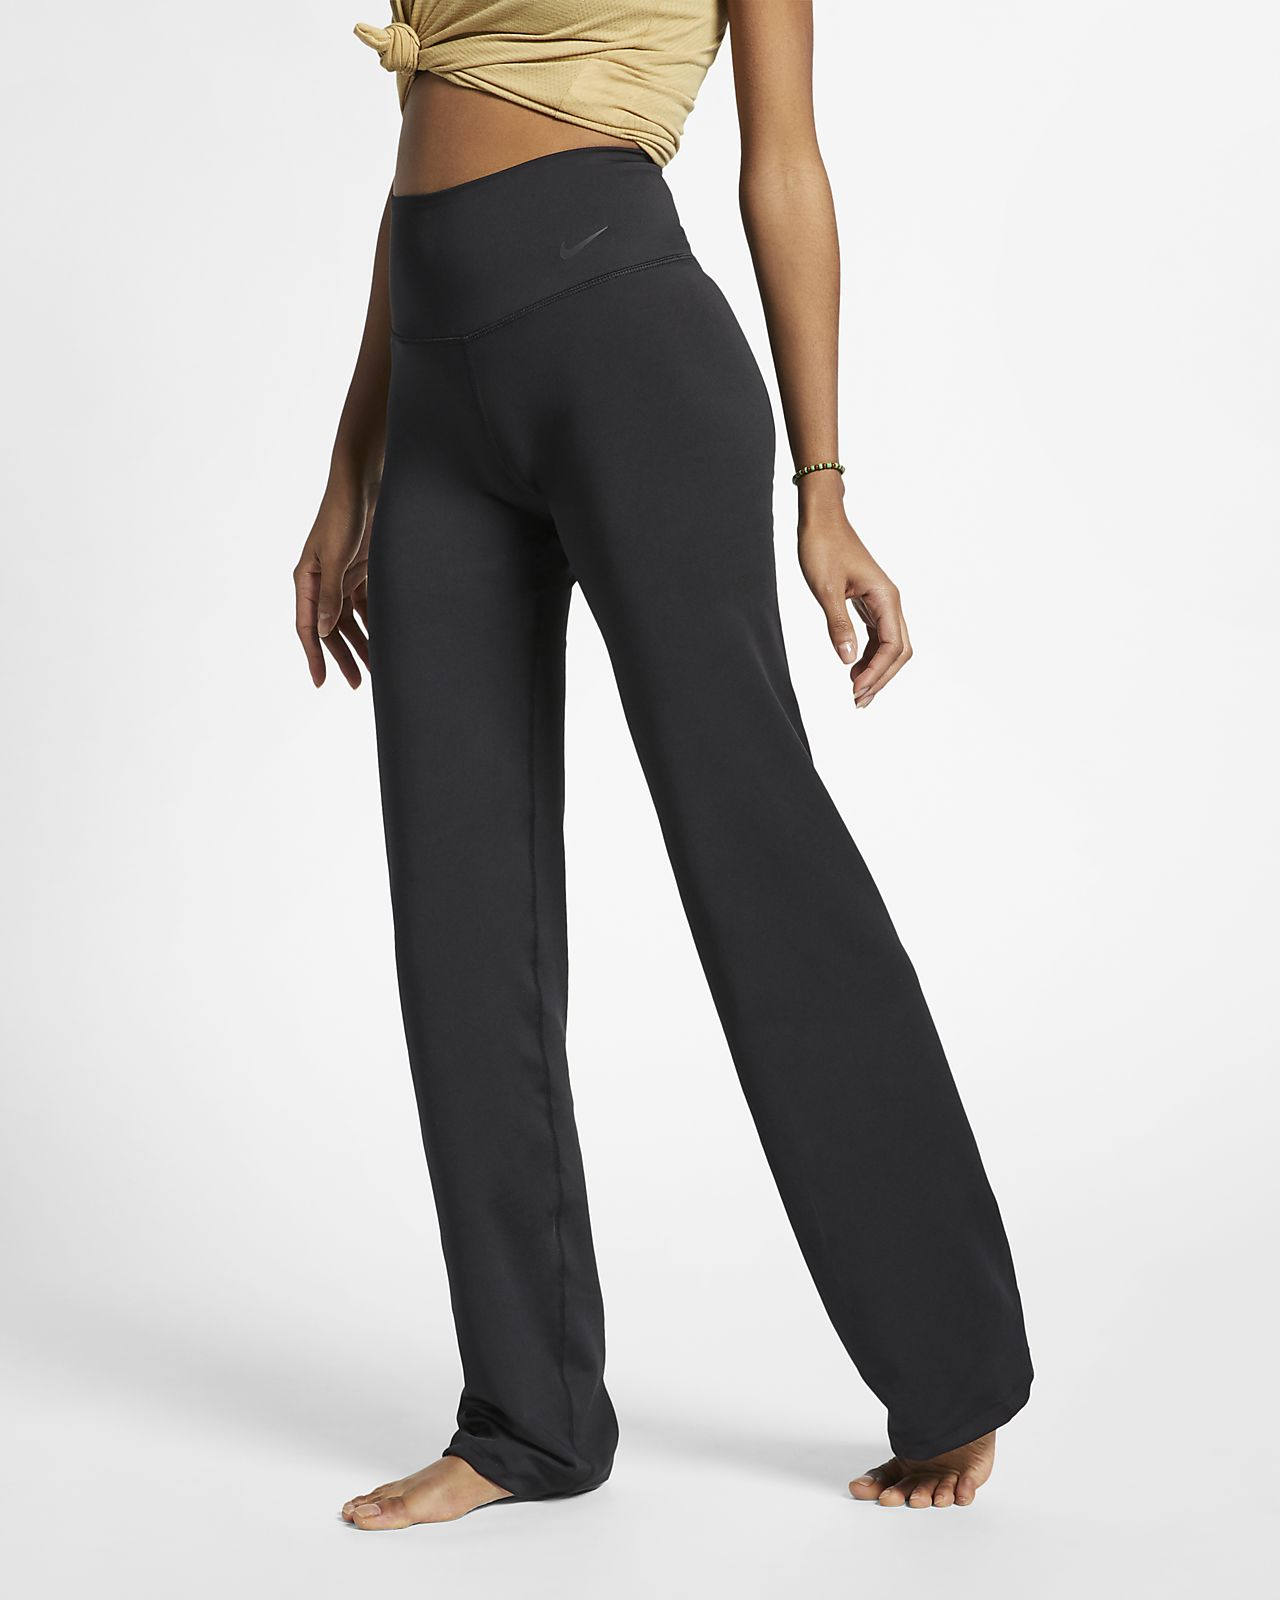 Pantalon d'entraînement de yoga Nike Power pour Femme